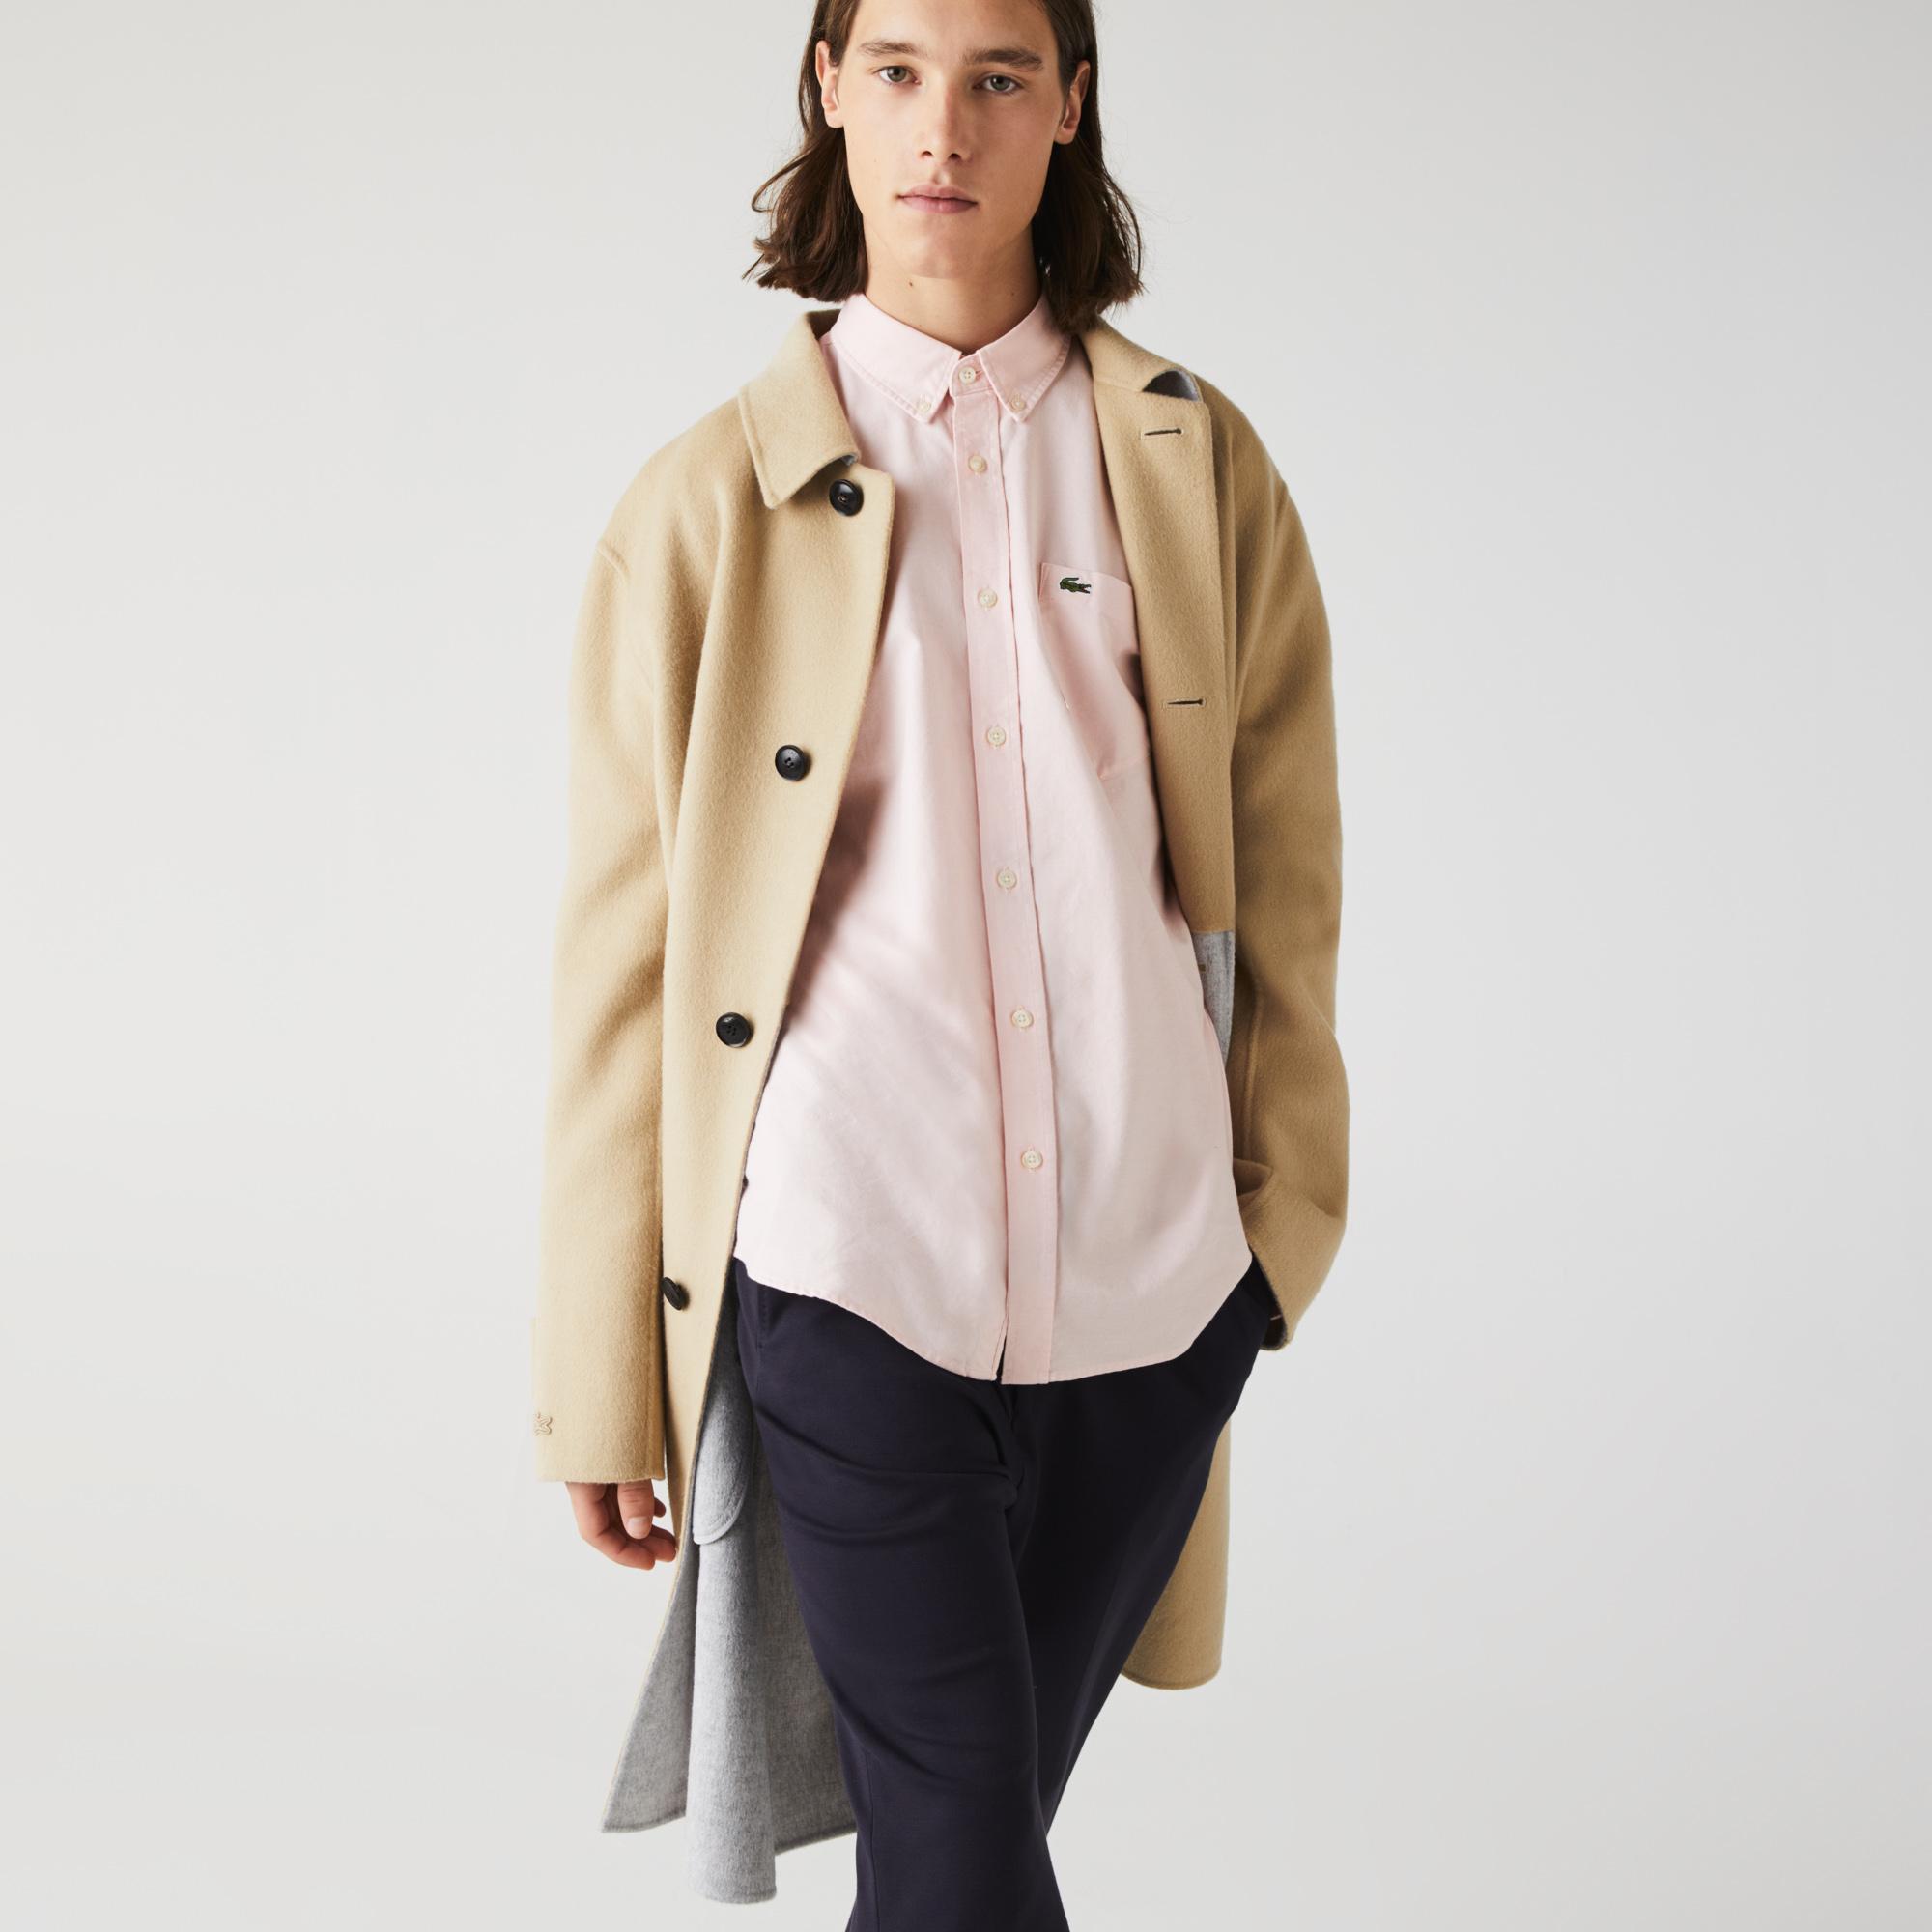 Lacoste Men's Regular Fit Cotton Oxford Shirt